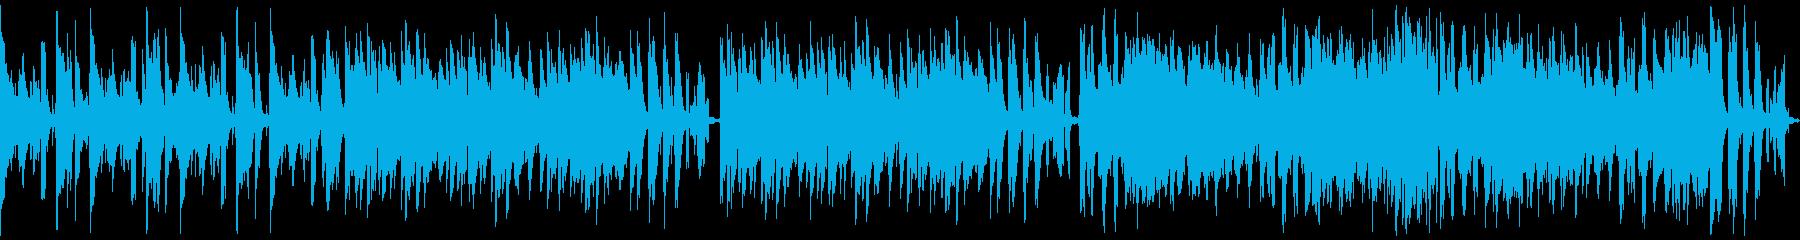 コミカル/静かめループ仕様の再生済みの波形